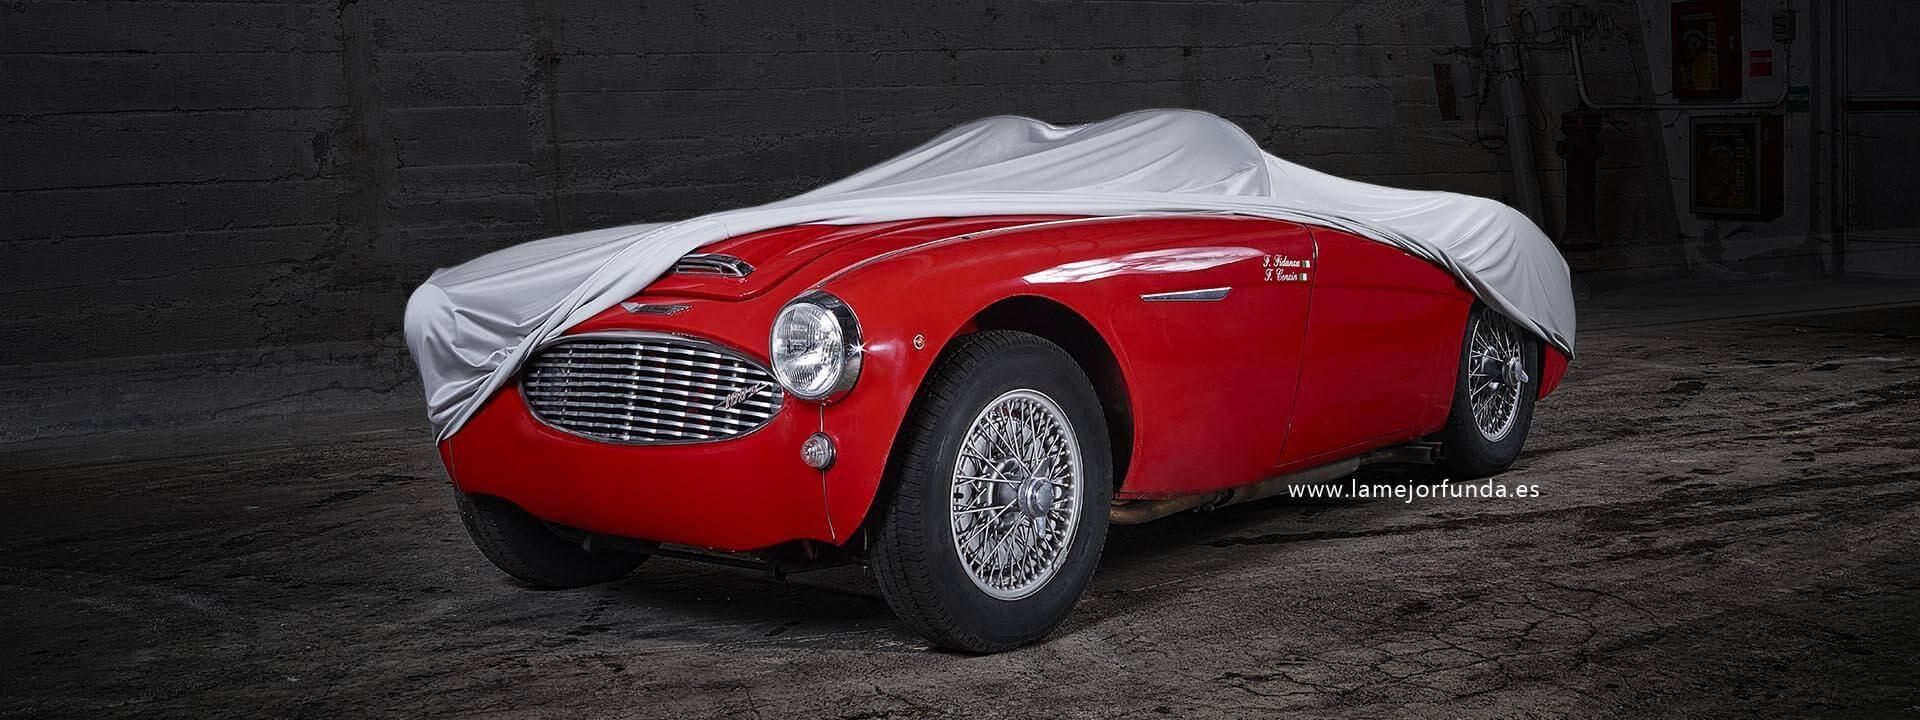 Funda para coche historico